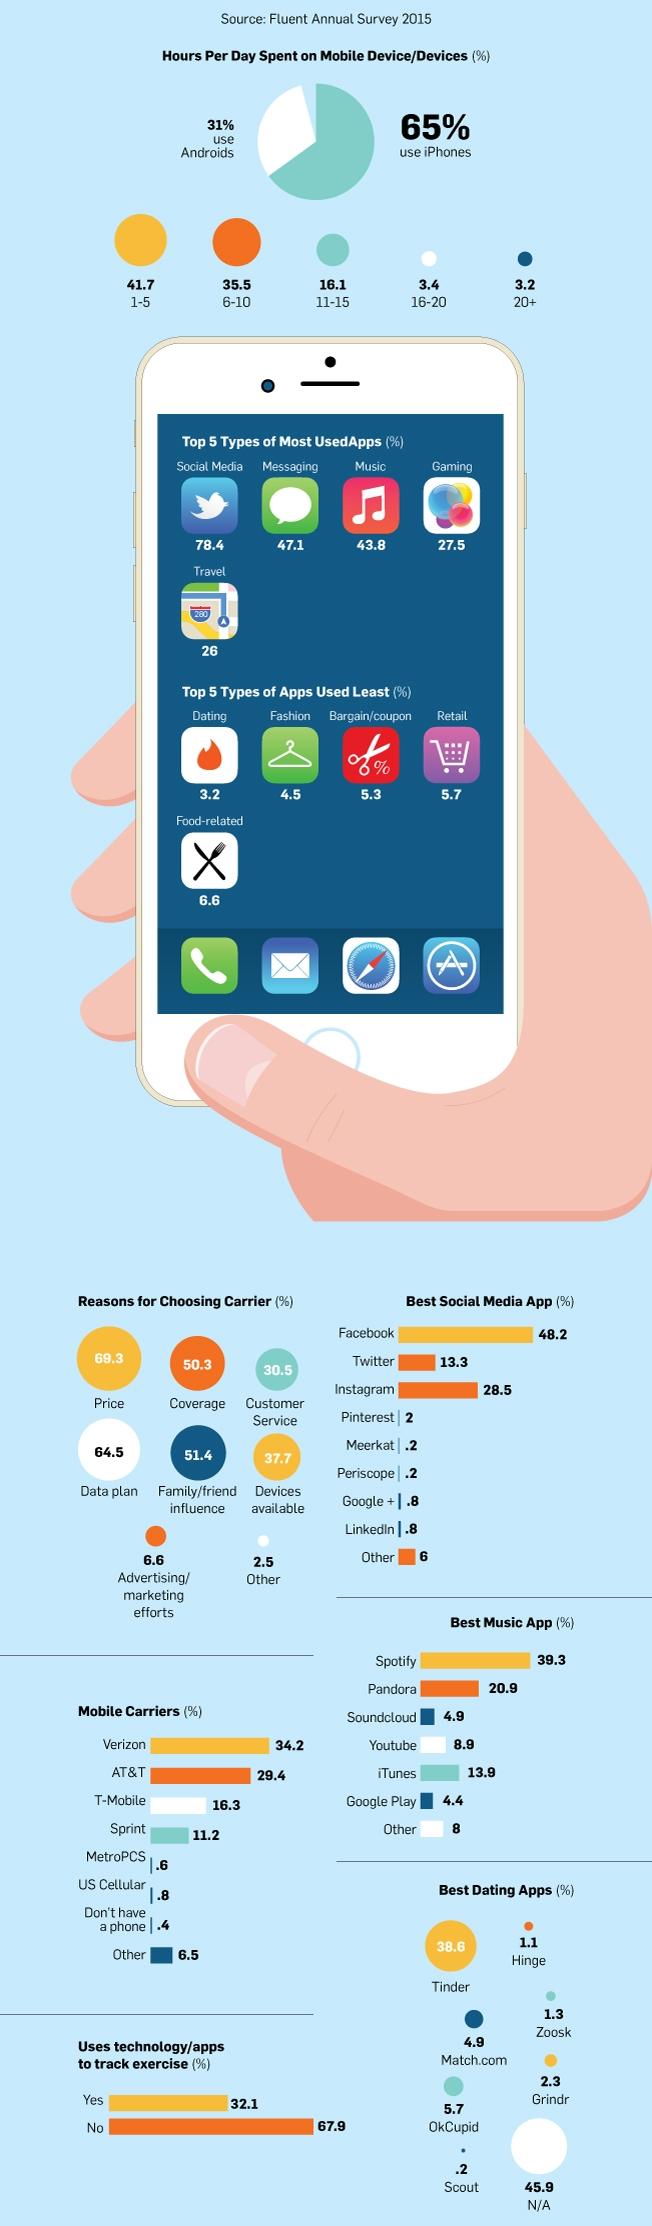 z_jenerasyonu_infografik